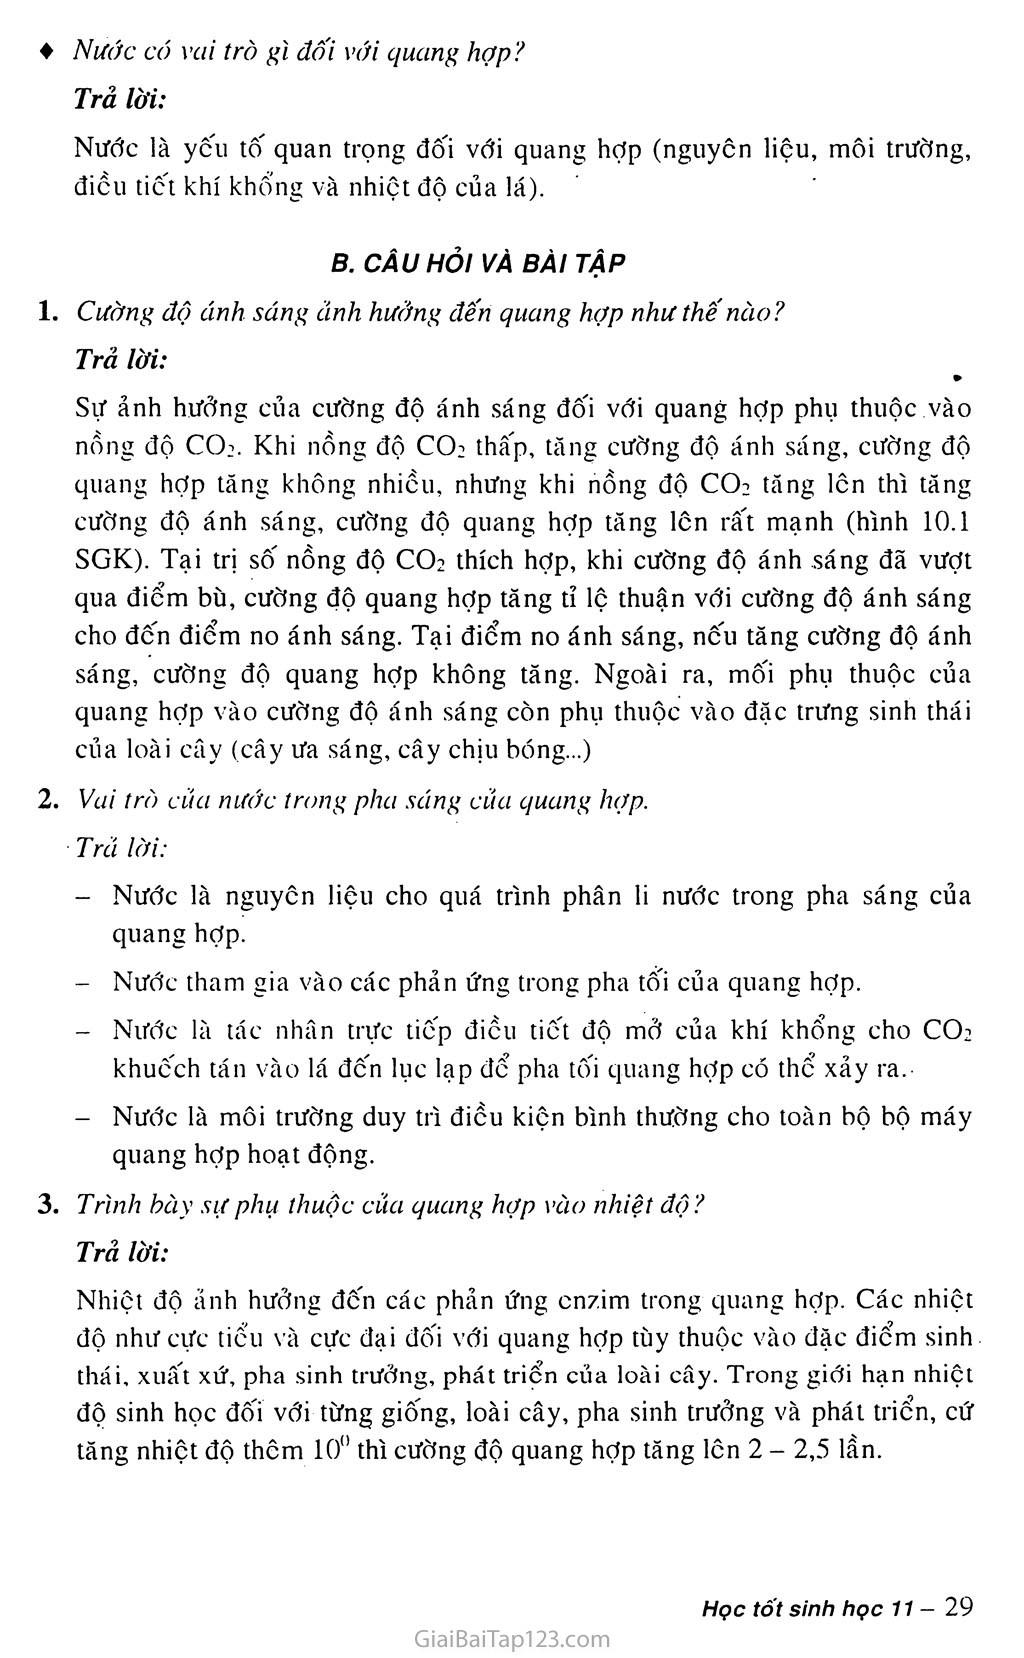 Bài 10. Ảnh hưởng của các nhân tố ngoại cảnh đến quang hợp trang 3